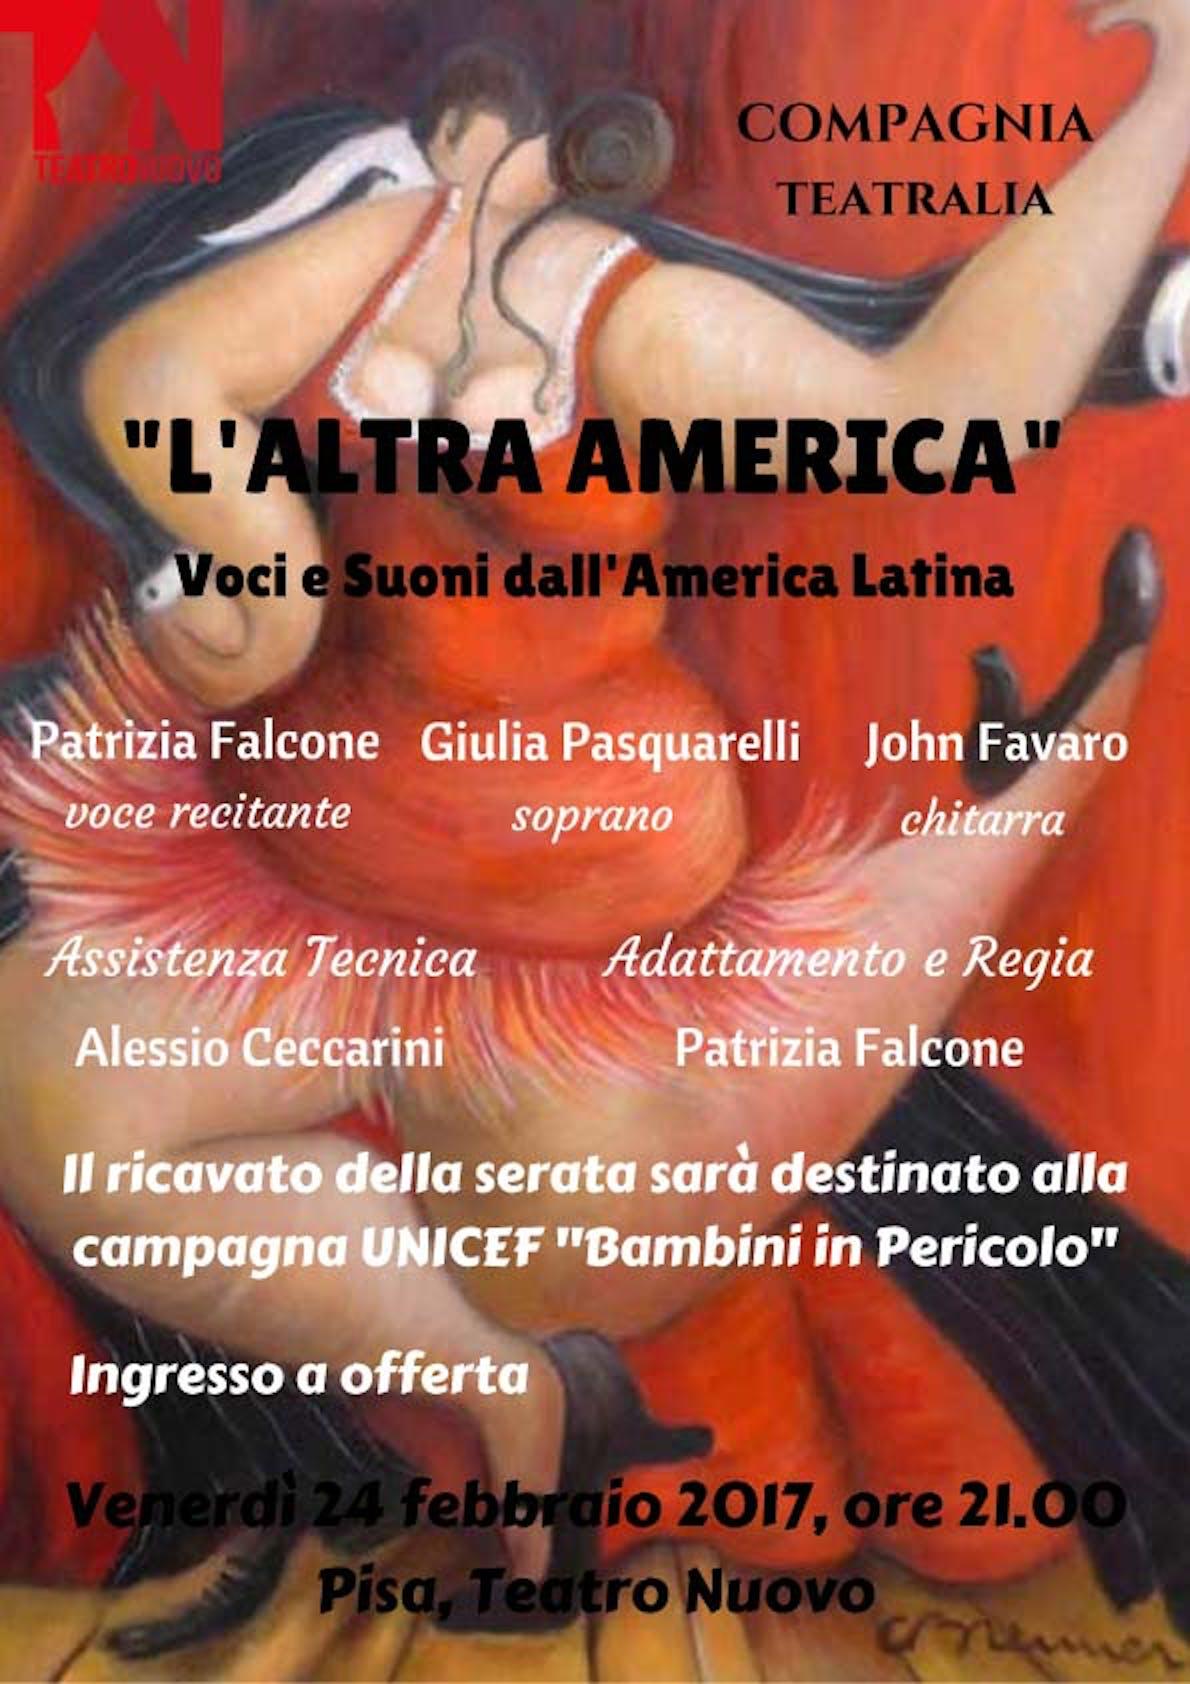 L'altra America, voci e suoni dall'America Latina. Al Teatro Nuovo di Pisa lo spettacolo a sostegno della campagna UNICEF per i Bambini in Pericolo